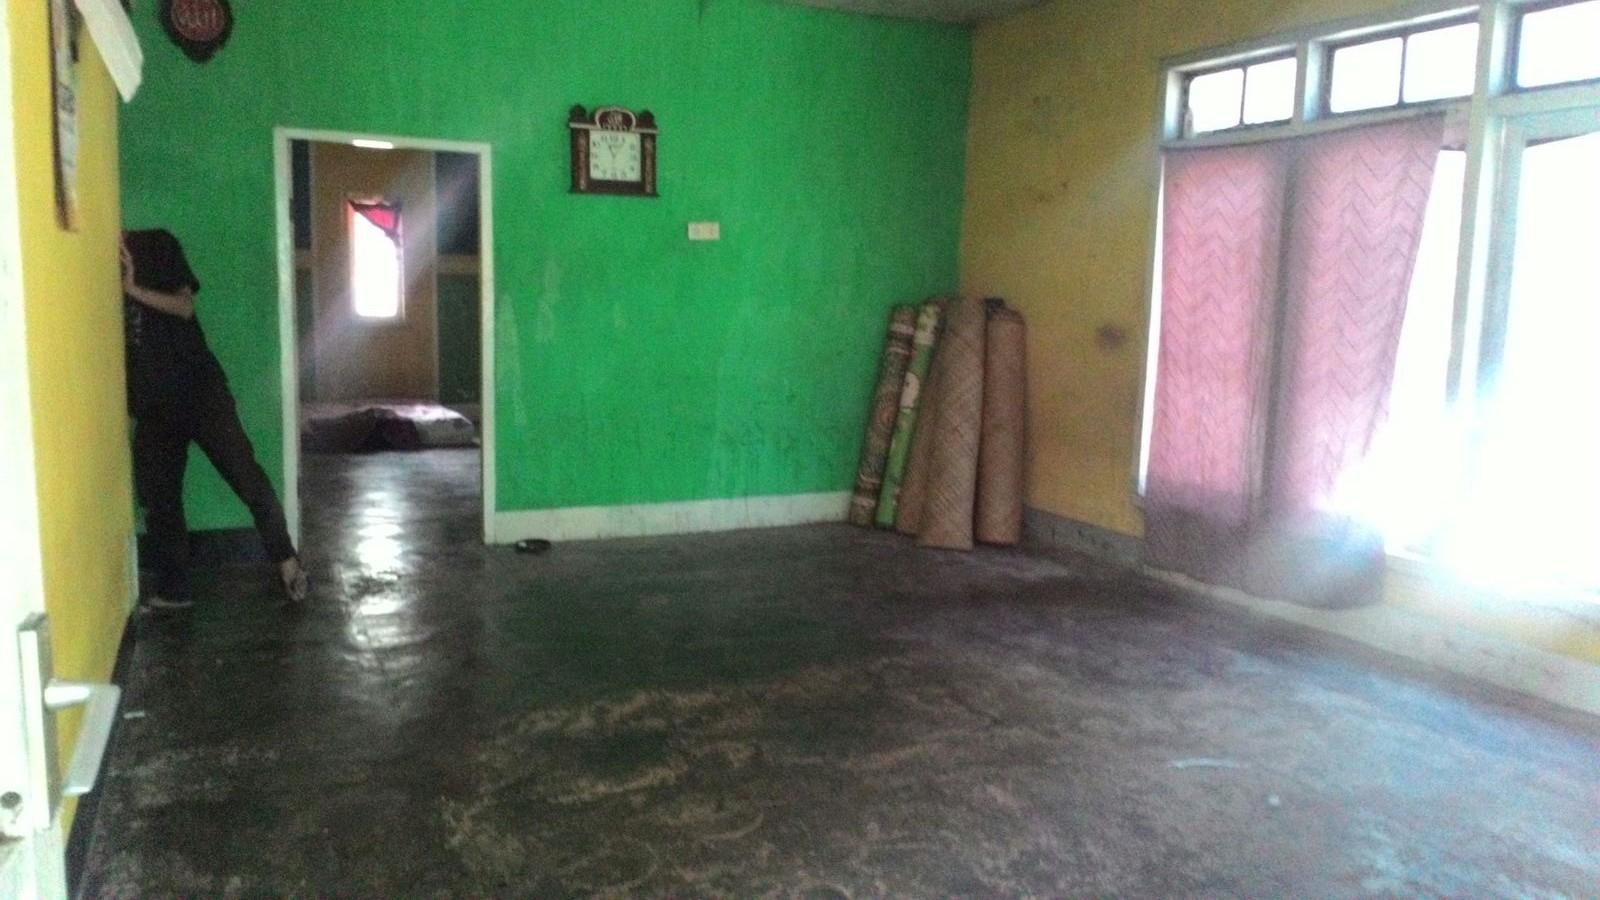 Salah satu penampakan ruangan dalam rumah yang terlekat di Sira Daya.